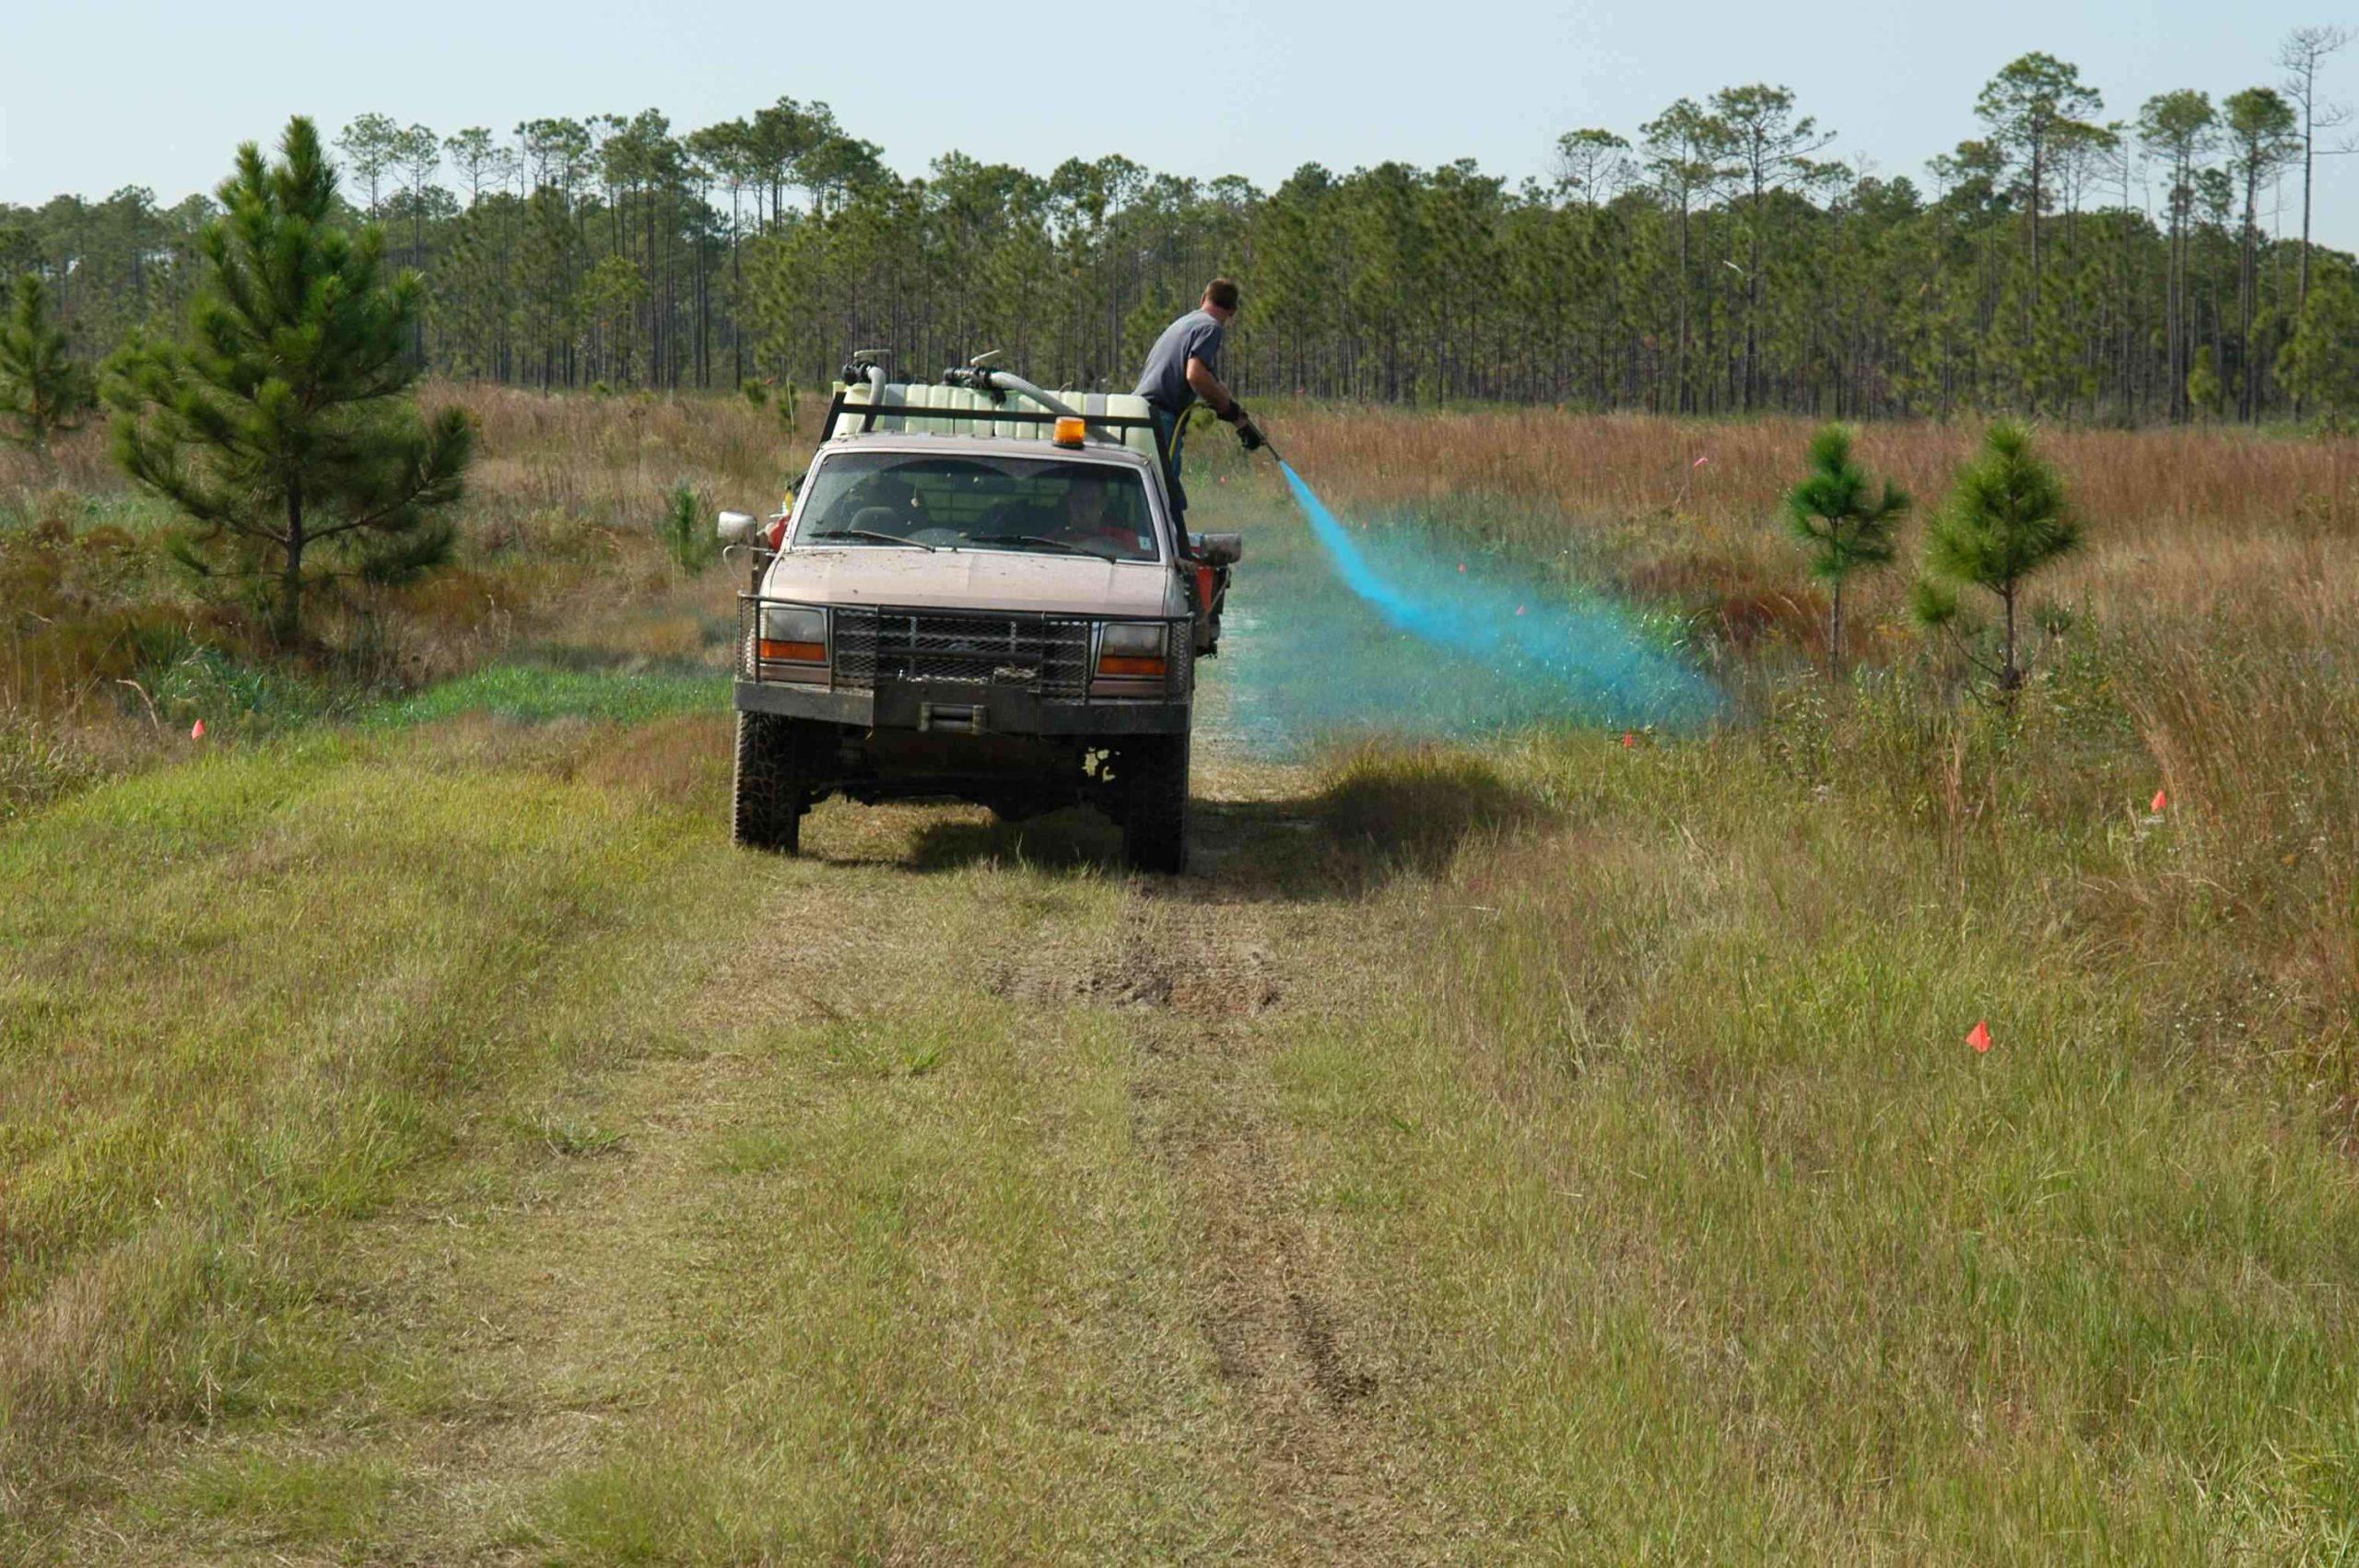 Pestizidvergiftungen werden weltweit häufiger